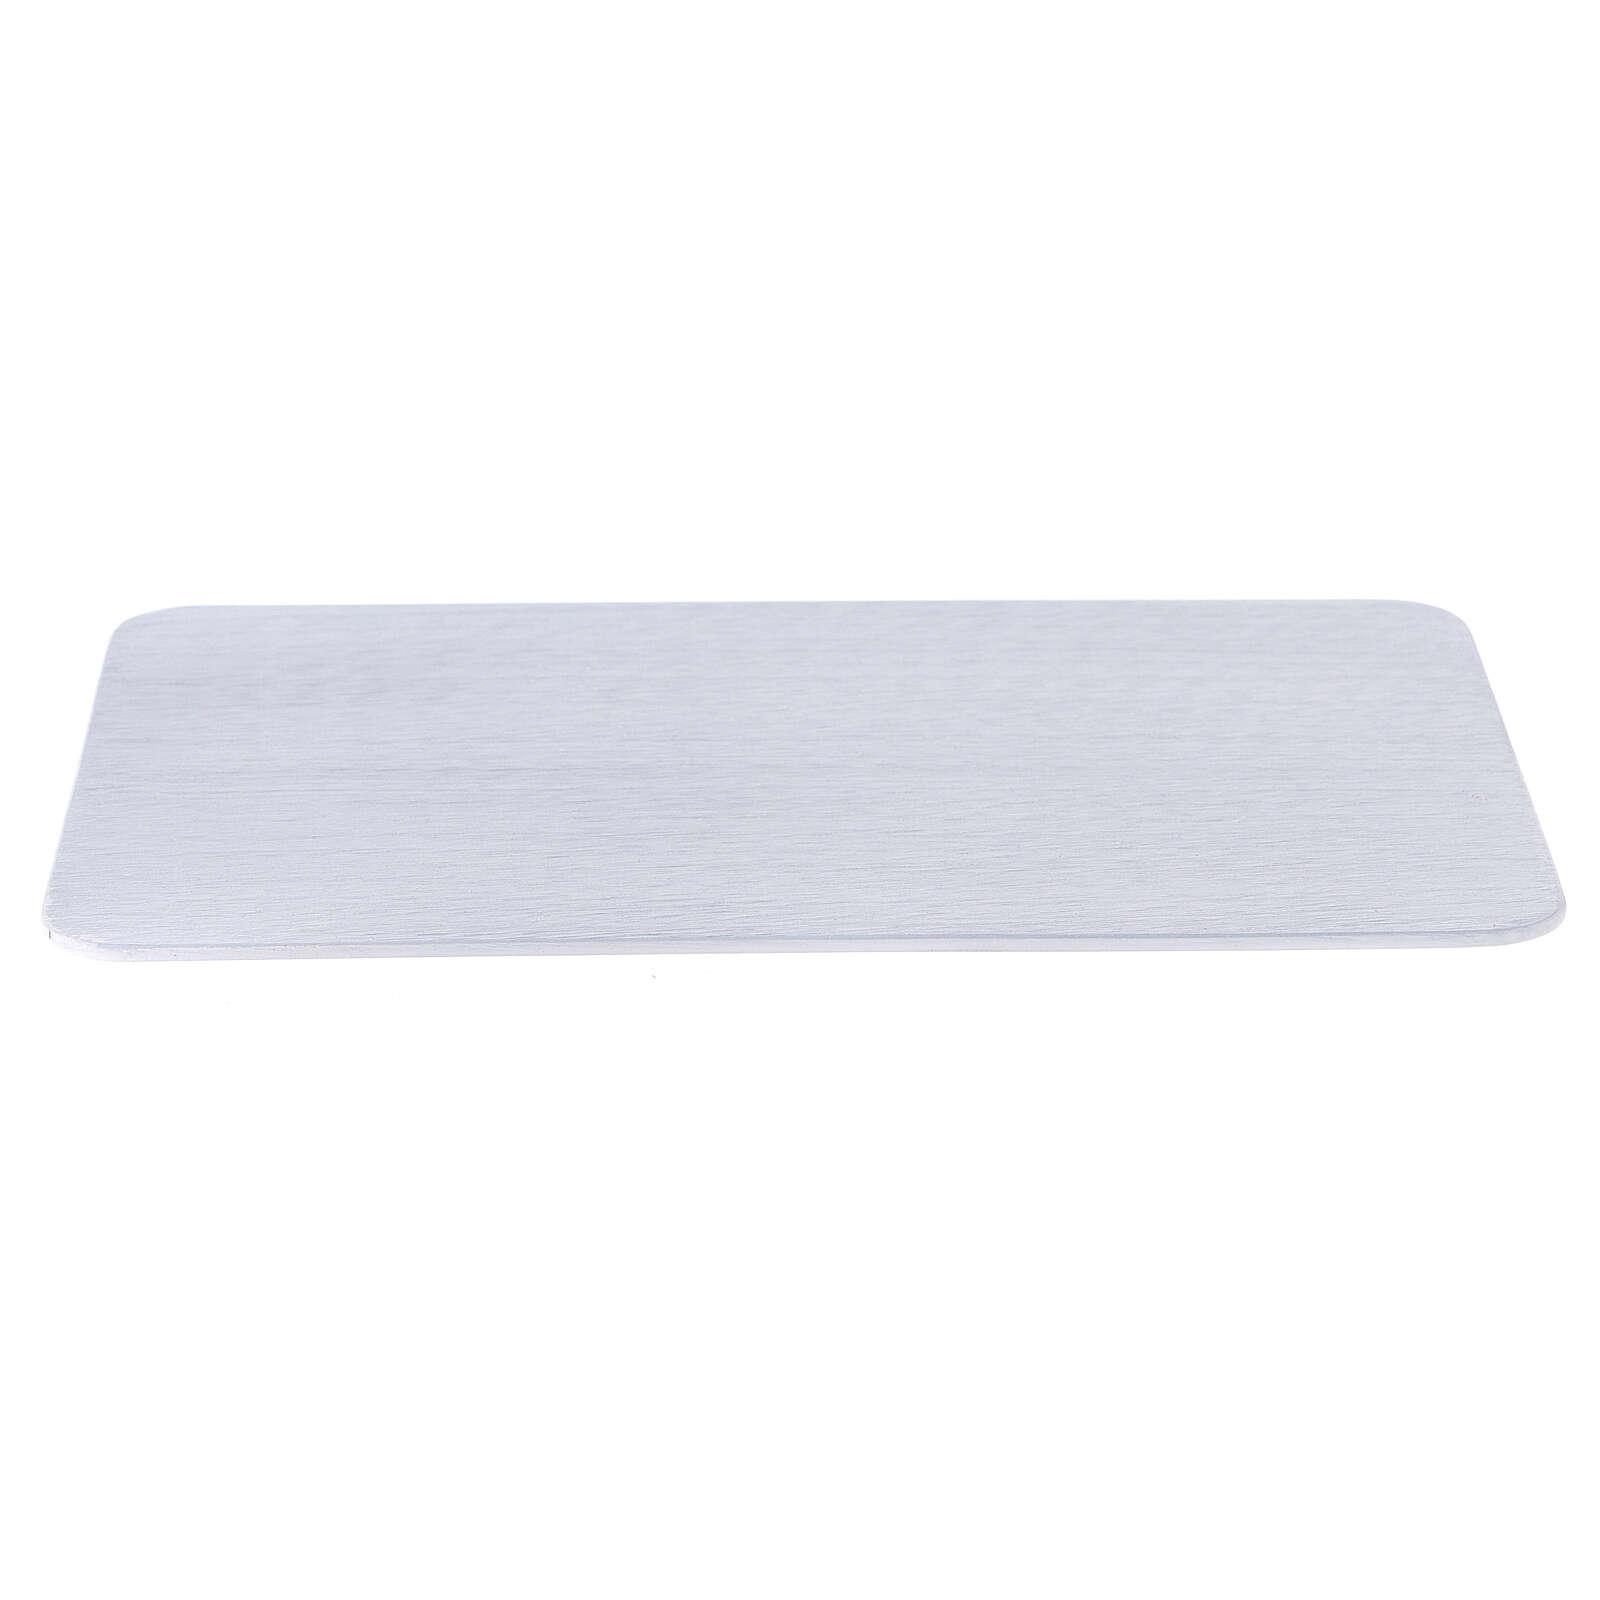 Piatto portacandela alluminio spazzolato 20x14 cm rettangolare 3